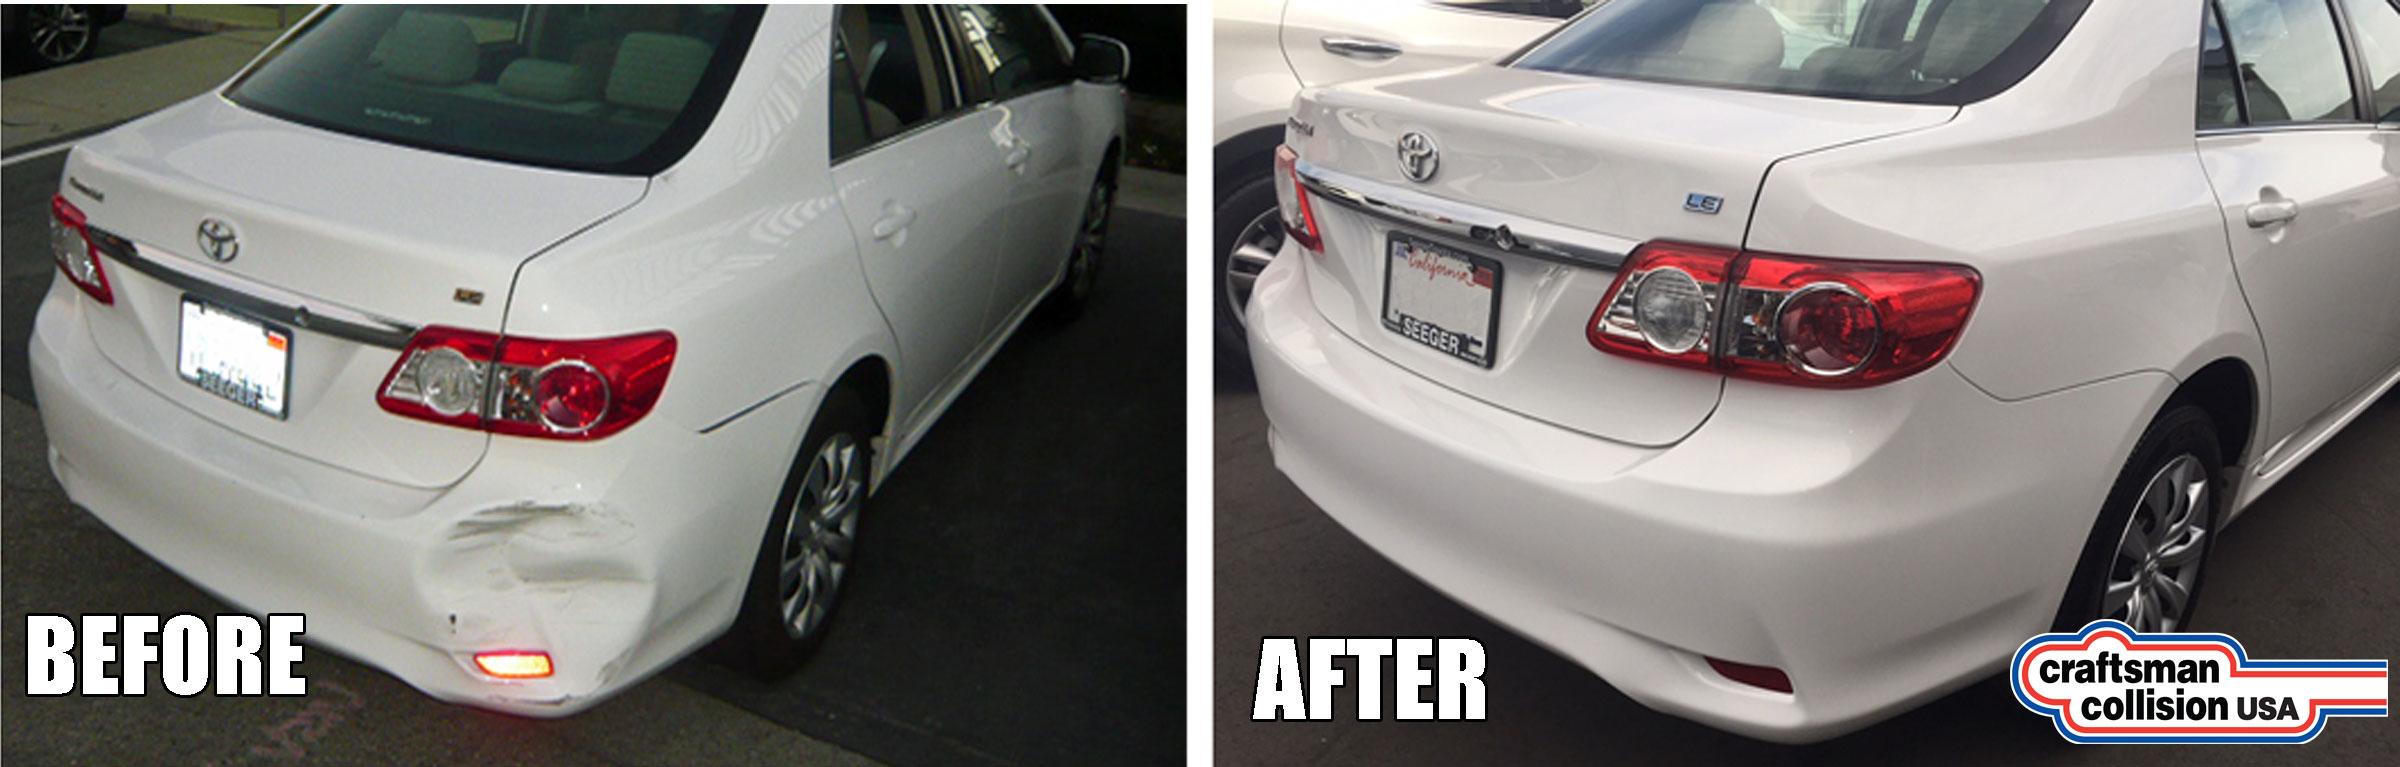 2013 Corolla bumper repair